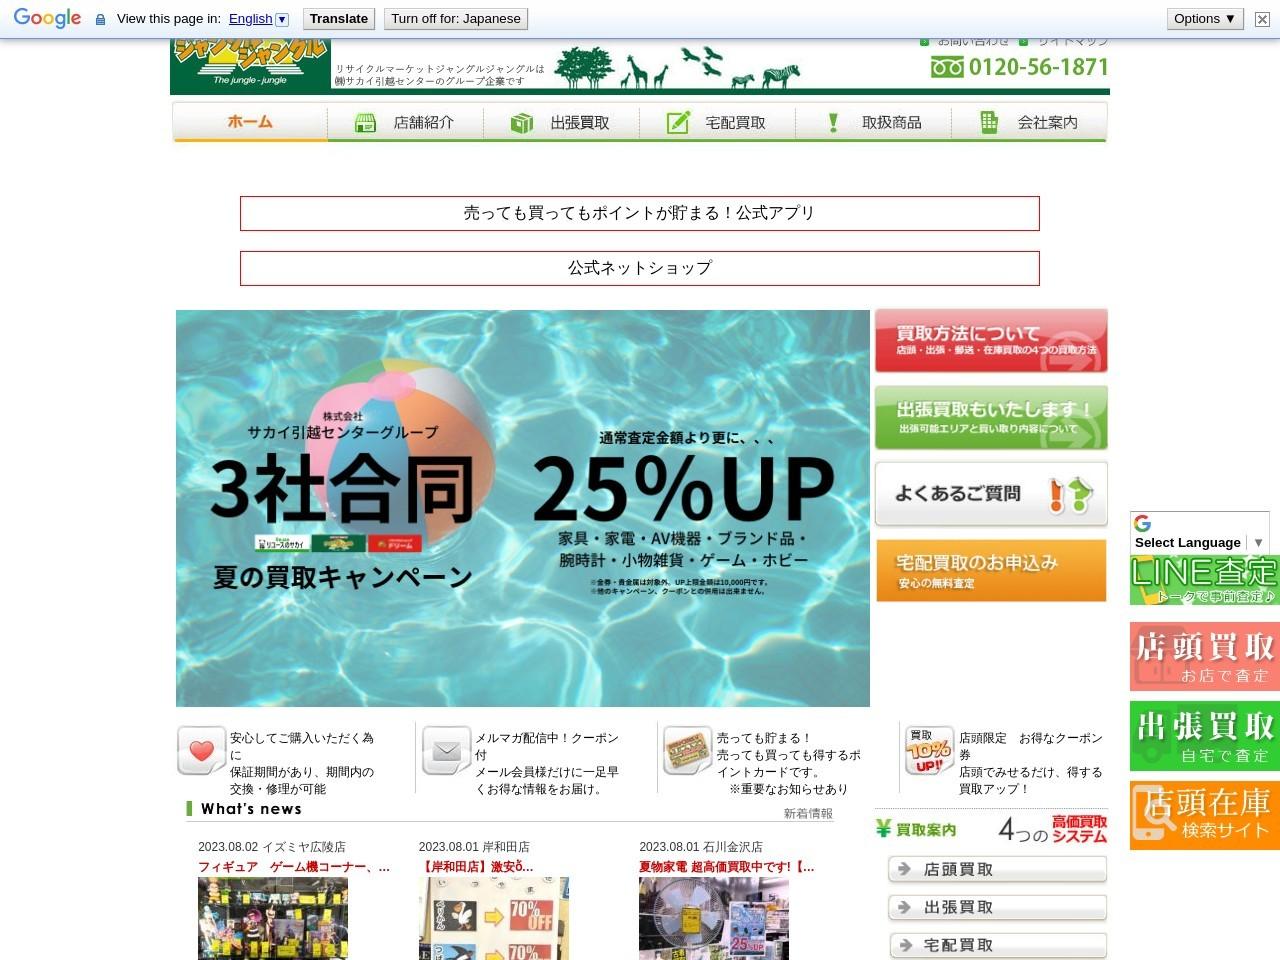 総合リサイクルショップ ジャングルジャングル買取り/大阪・和歌山のリサイクルショップ